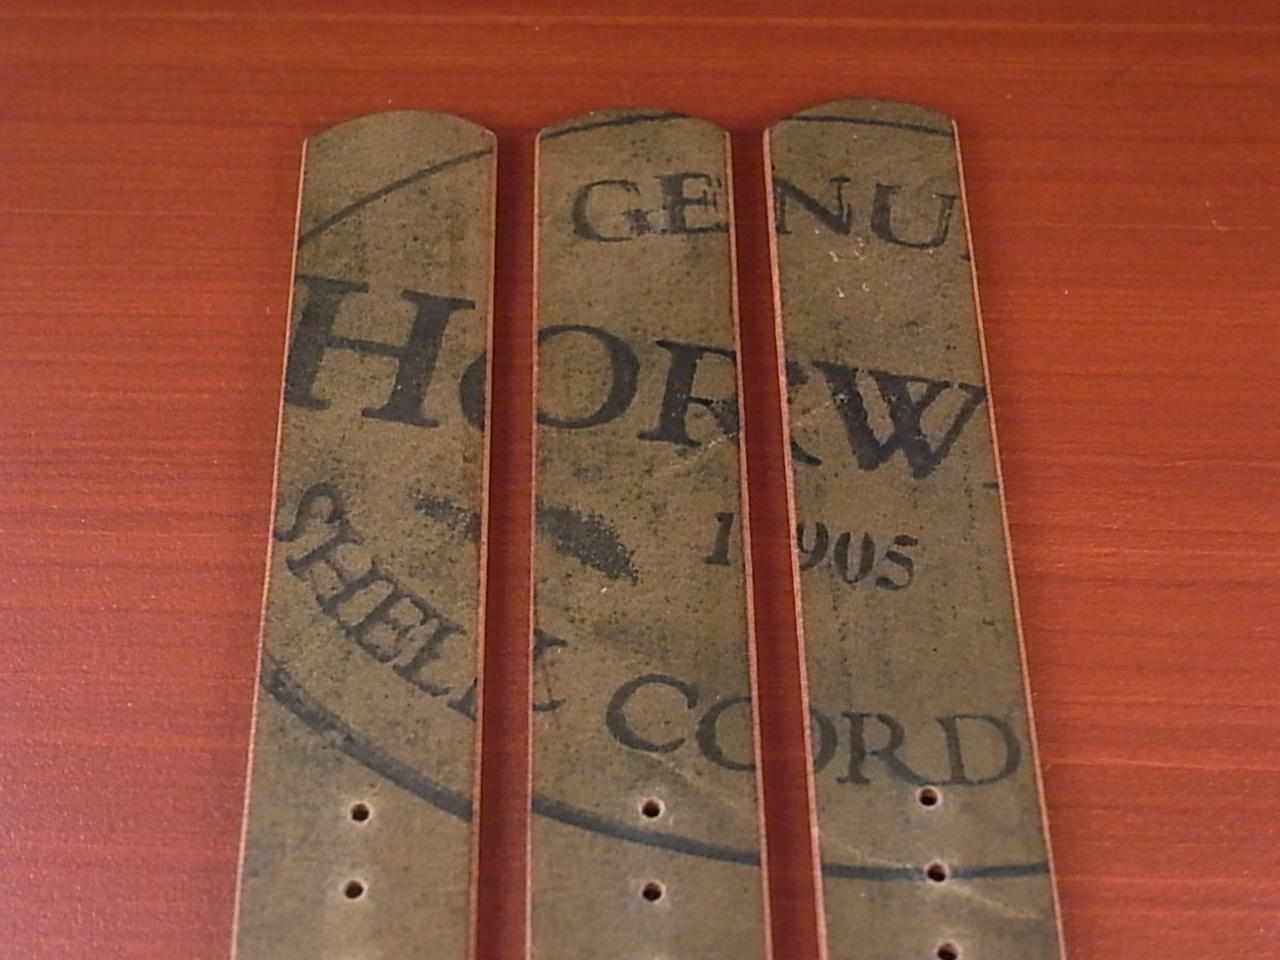 ホーウィン コードバン 引き通し革ベルト ブラック 17~24mm 受注生産の写真6枚目